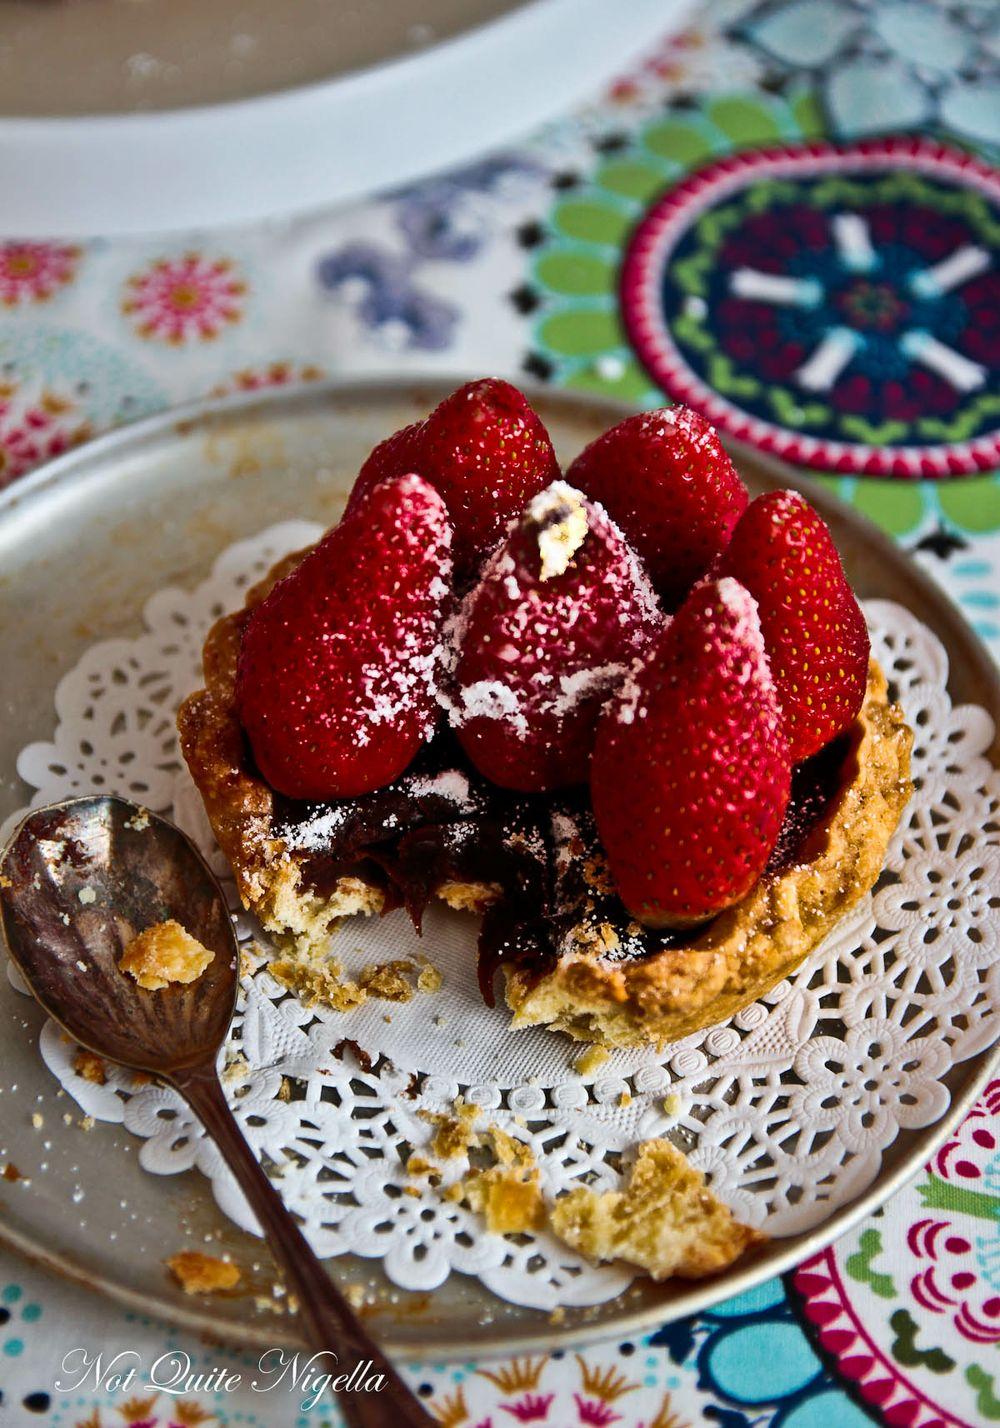 strawberry-tart-5-2